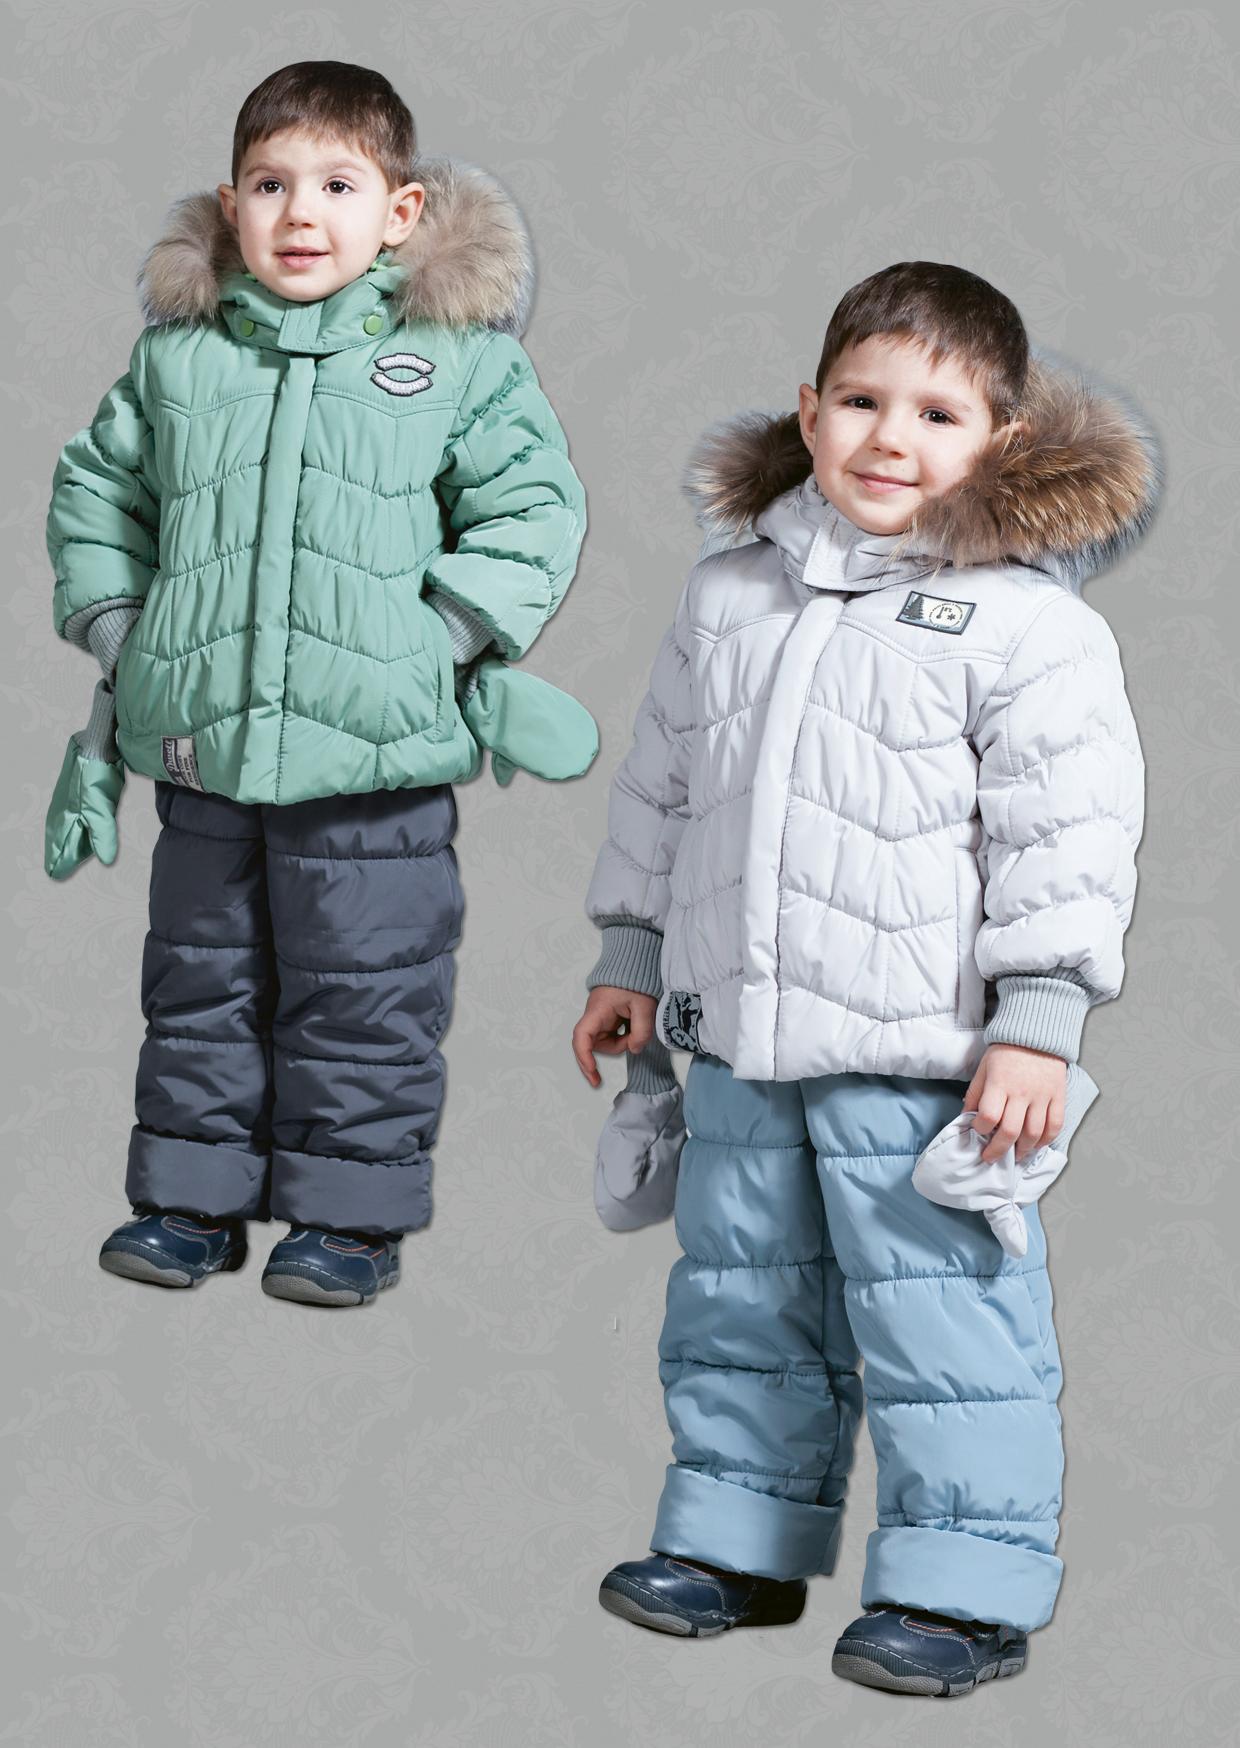 Детский зимний костюм для мальчика ЗС-352 ЗС-353 - купить оптом от ... 35c45d52dca